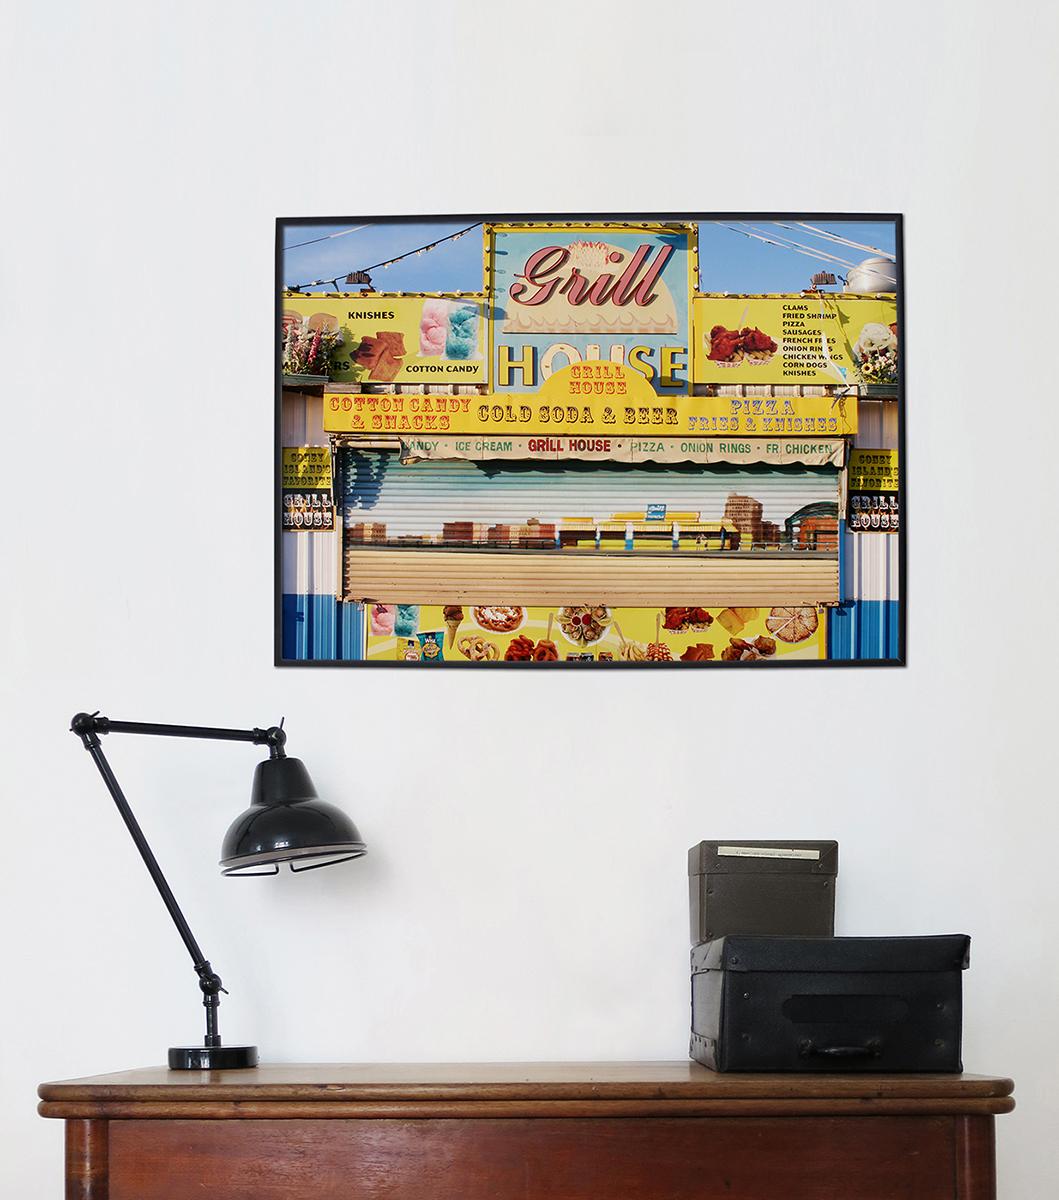 kunsttryk, fotografier, farverige, grafiske, pop, arkitektur, humor, årstider, gule, papir, arkitektoniske, strand, samtidskunst, københavn, dansk, dekorative, design, interiør, bolig-indretning, moderne-kunst, nordisk, skandinavisk, levende, Køb original kunst og kunstplakater. Malerier, tegninger, limited edition kunsttryk & plakater af dygtige kunstnere.